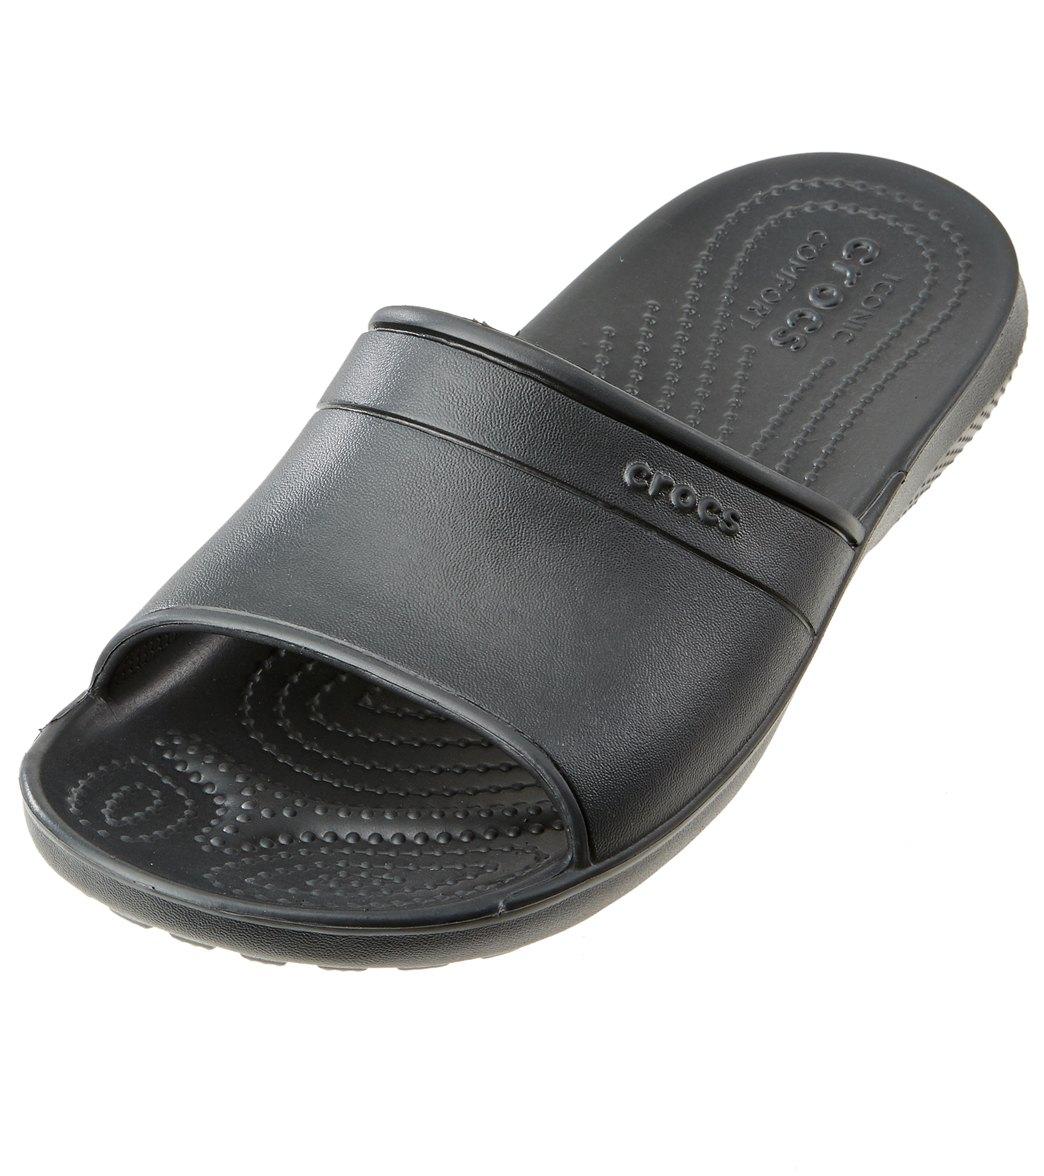 1c2bf6f11c07 Crocs Classic Slide at SwimOutlet.com